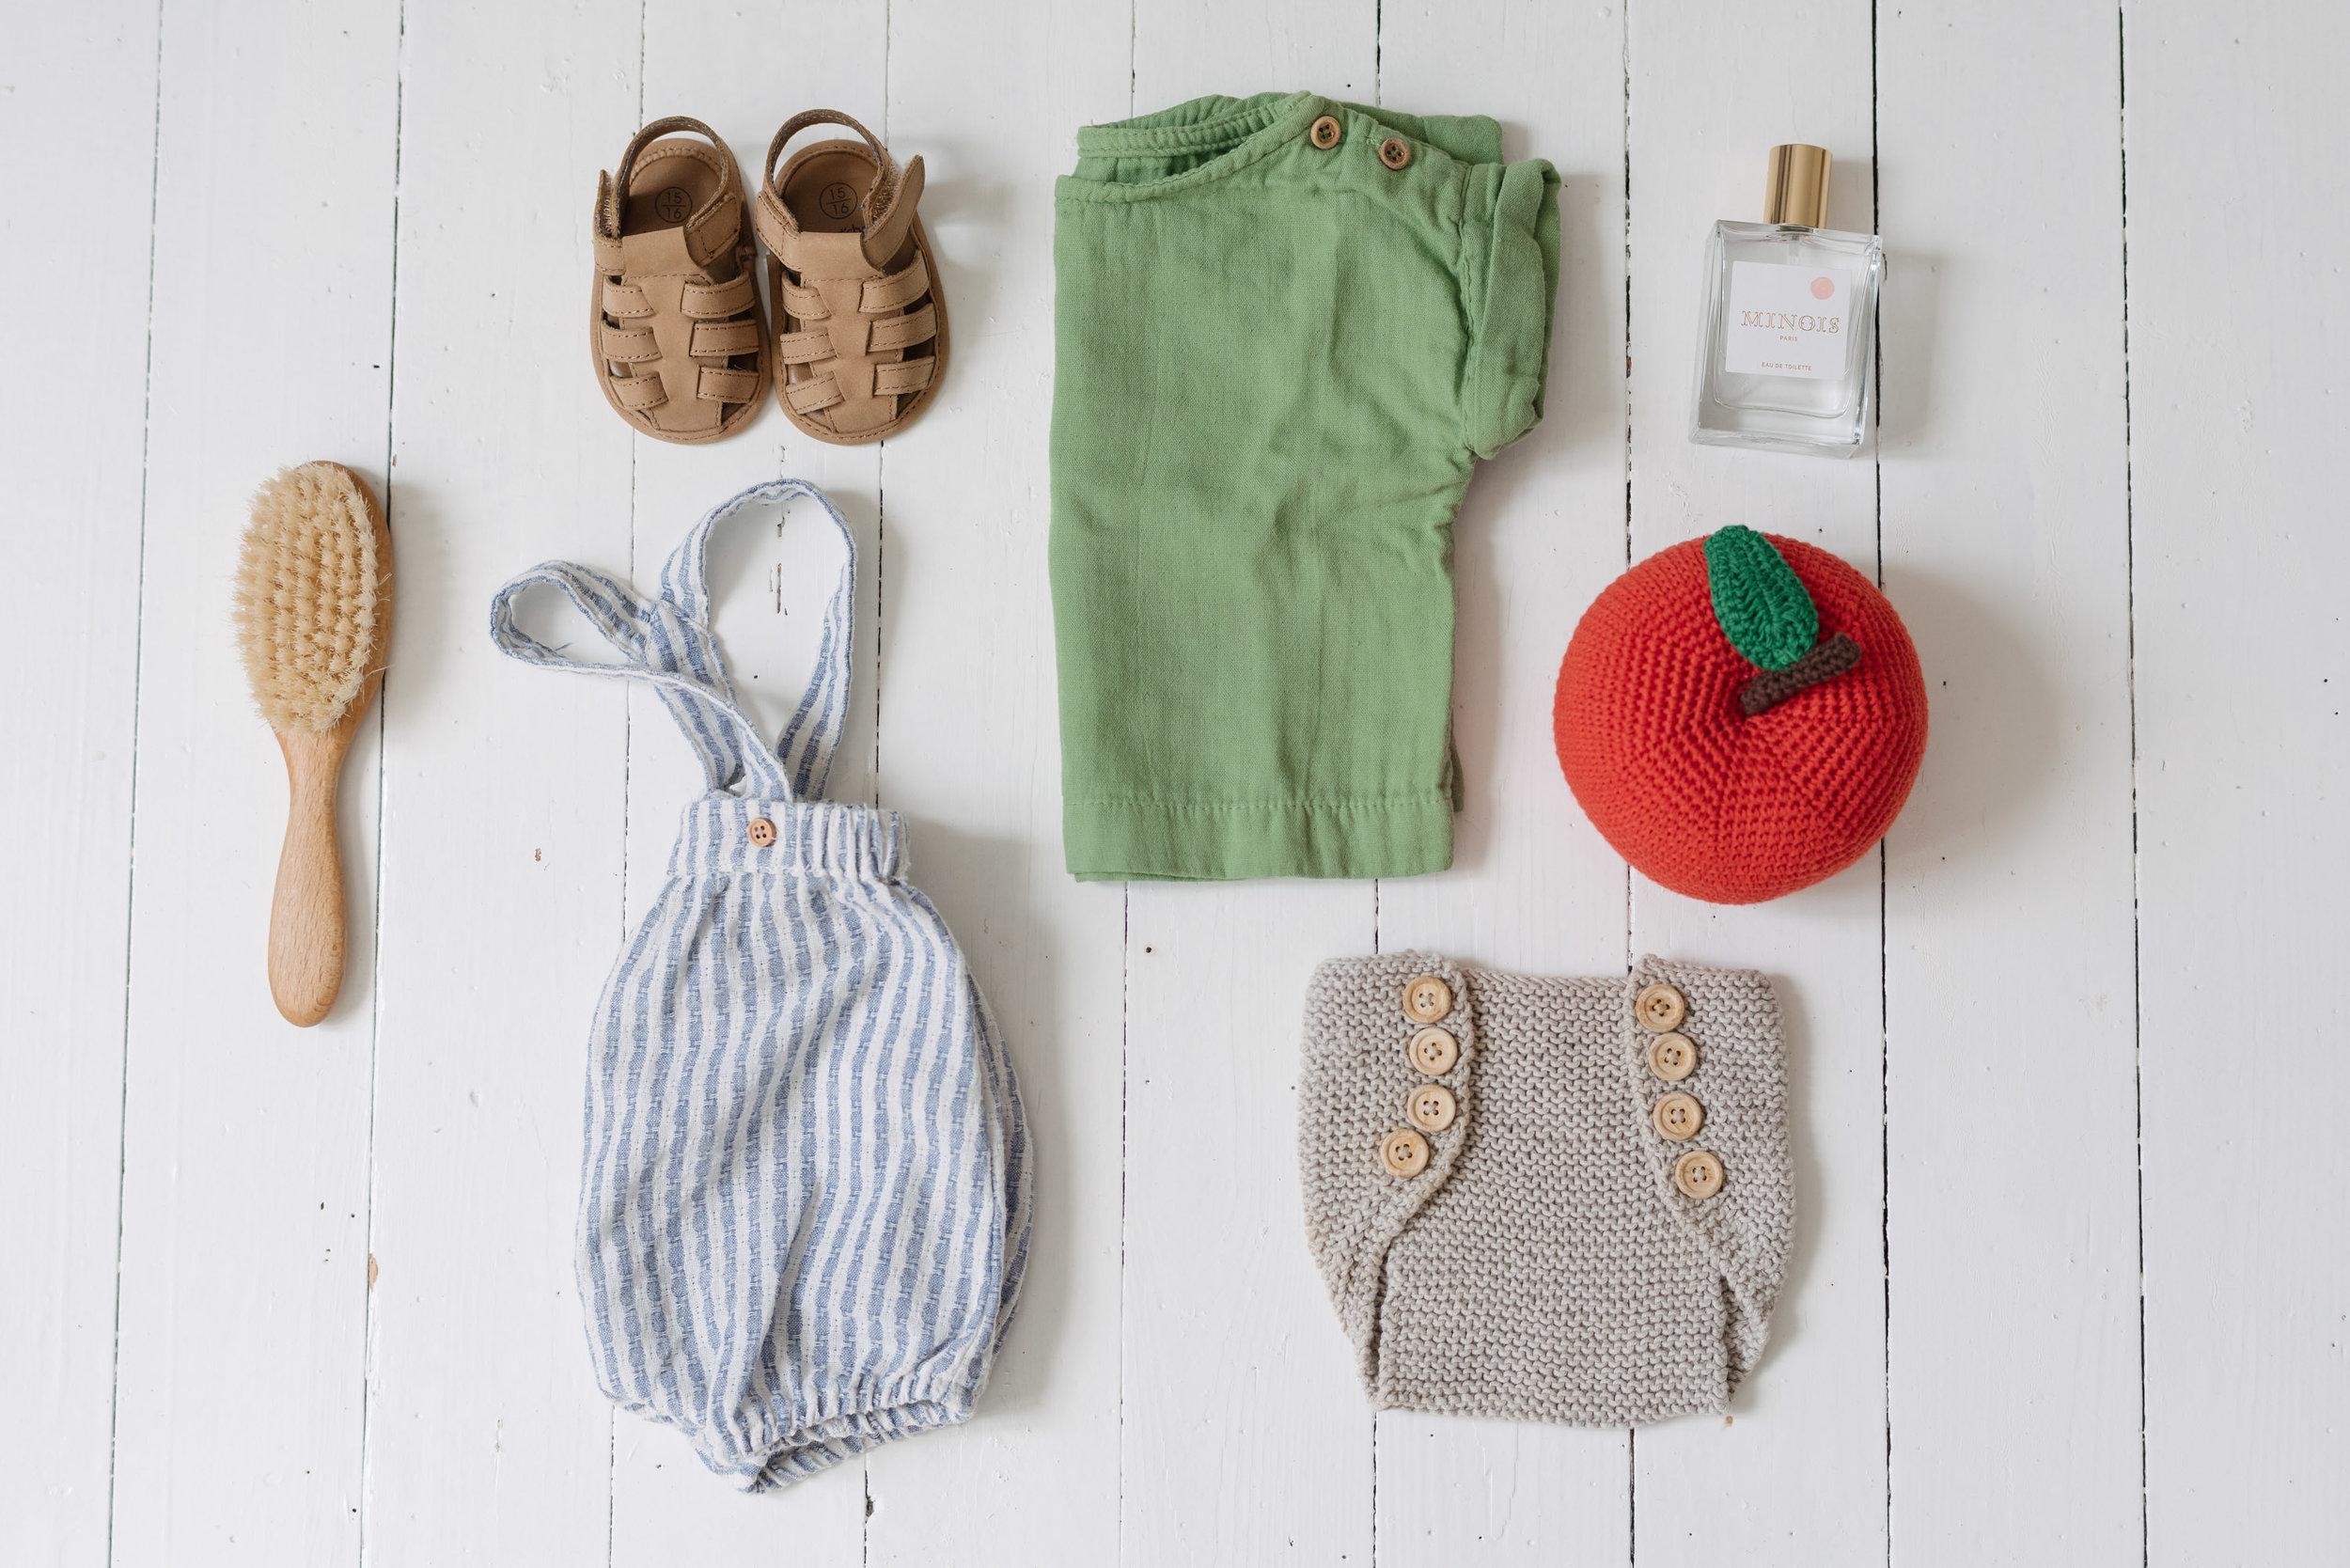 T-shirt   Poudre Organic .  Culotte   De Fil en Merveilles .  Combinaison et chaussures  Monoprix Bout'chou . Pomme   Anne Claire Petit accessoires   via   MSR  . Eau de toilette   Minois.